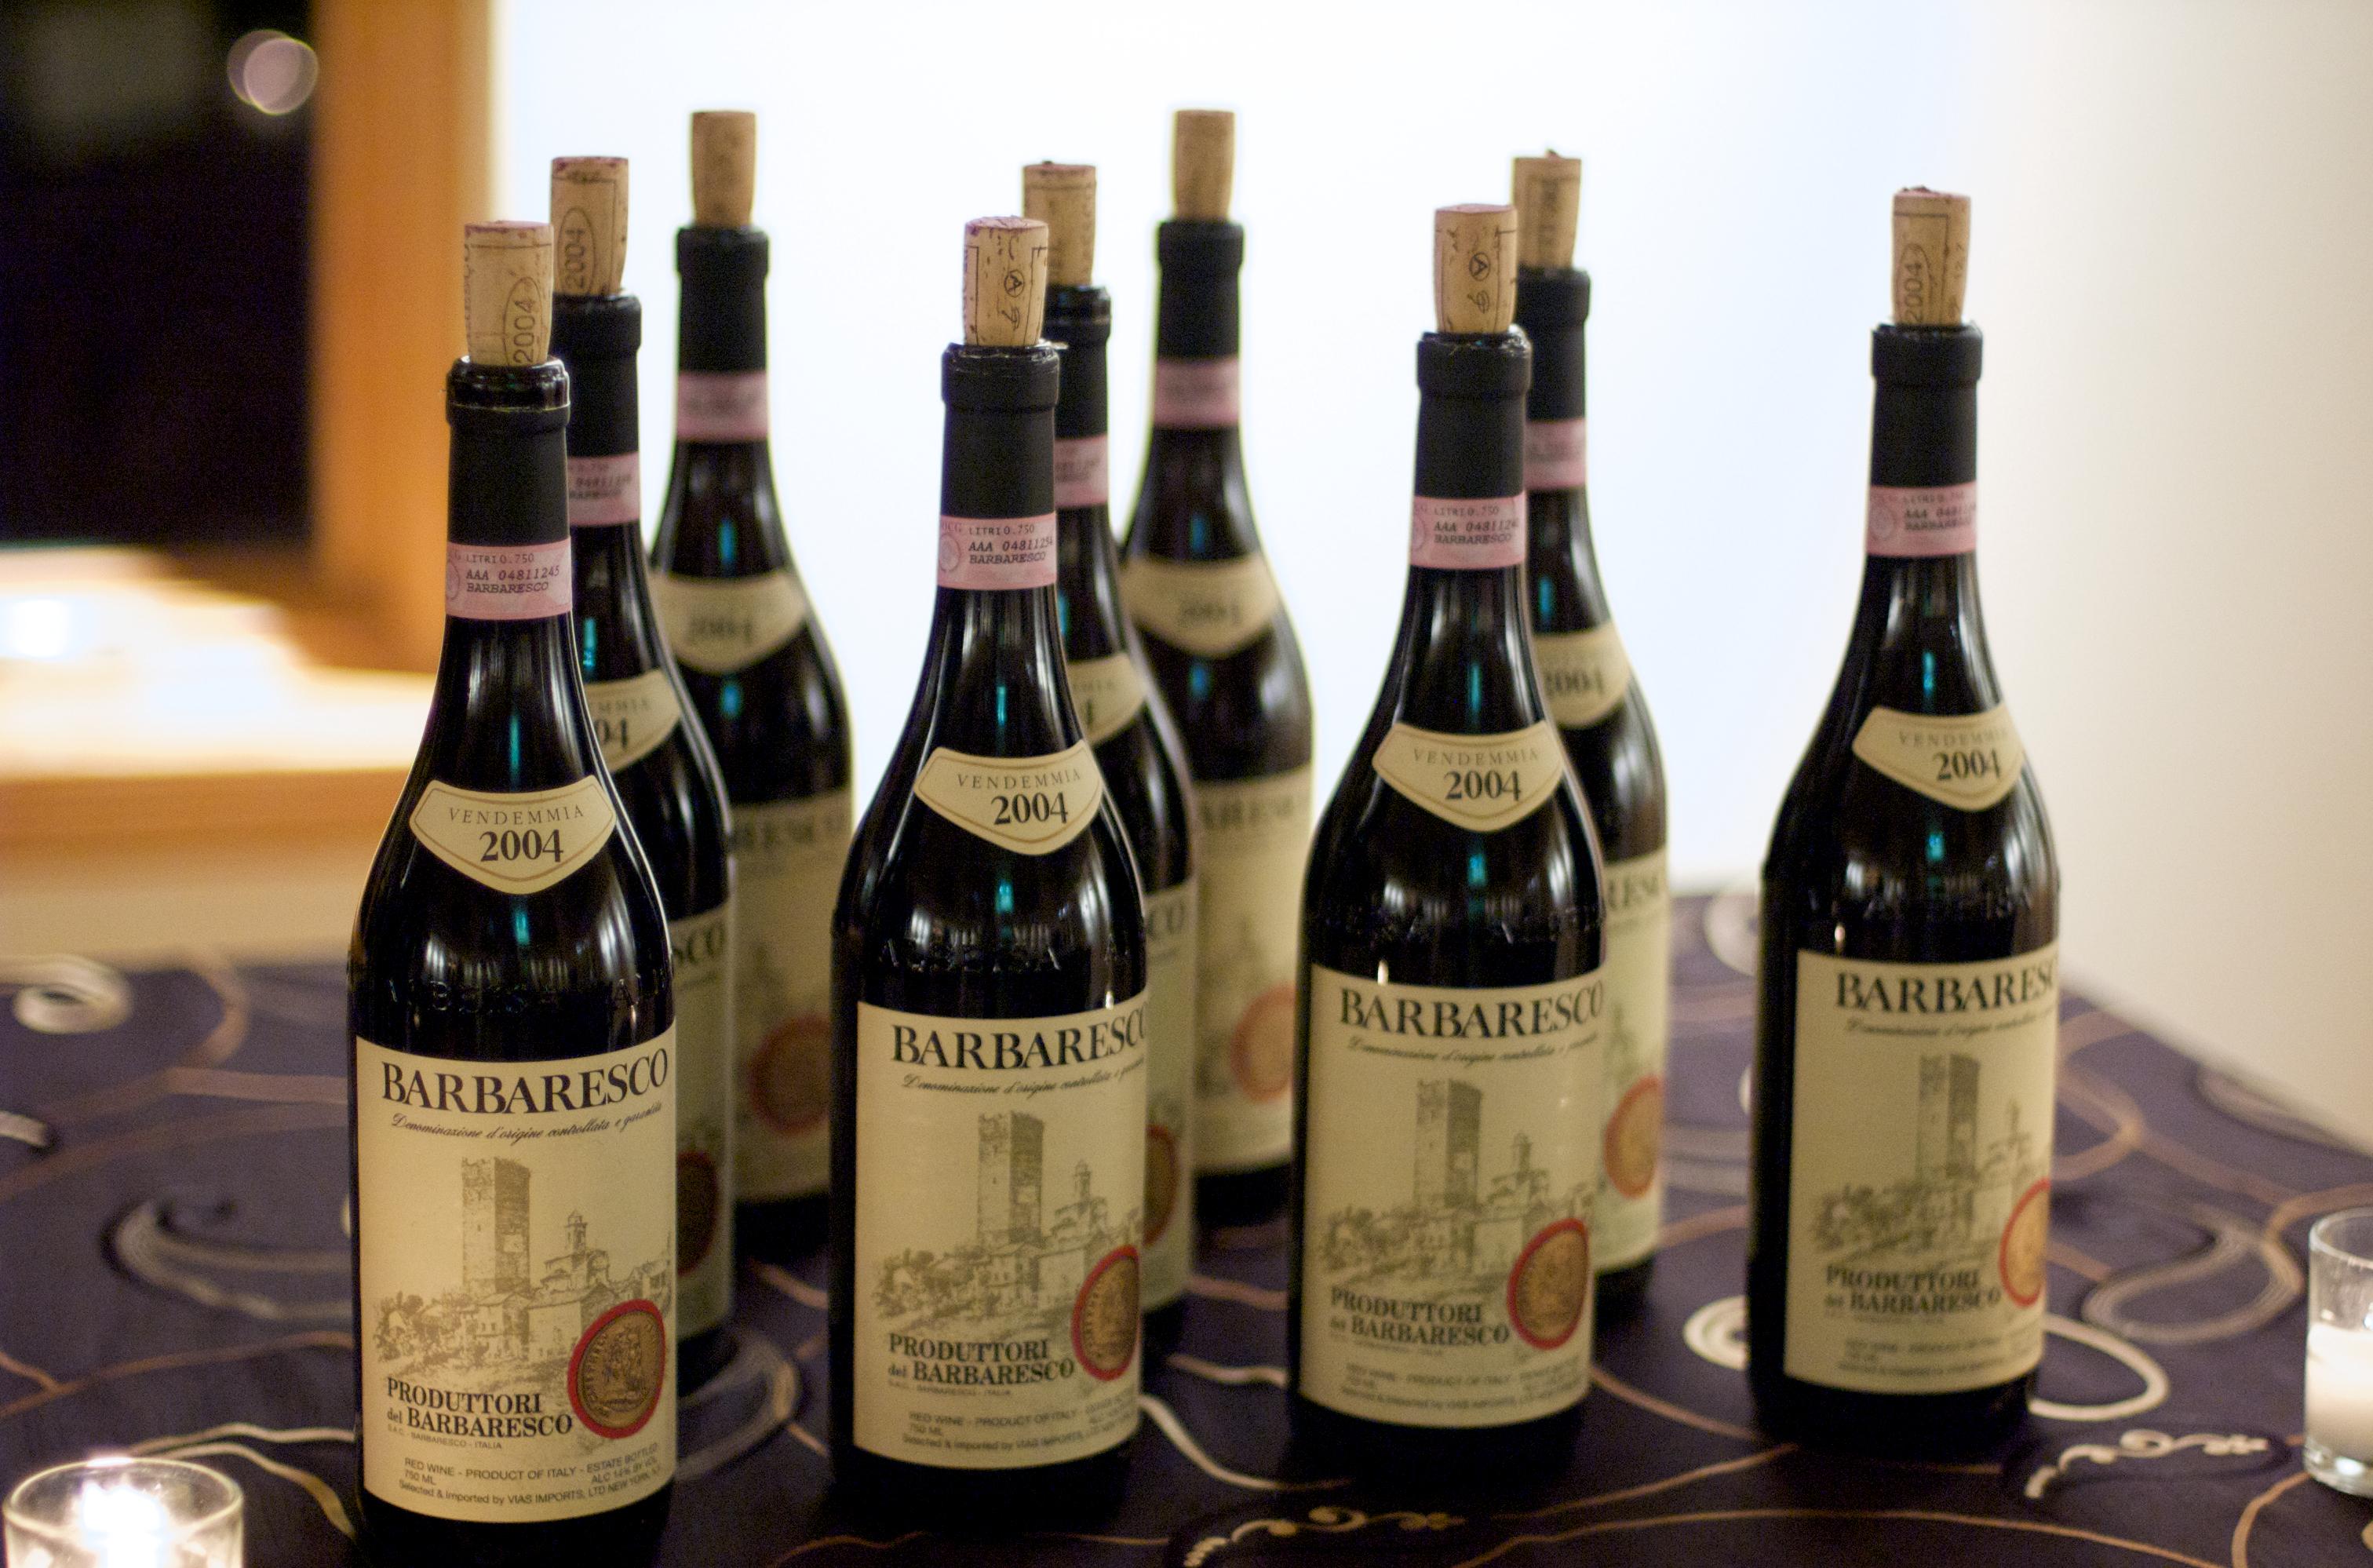 vinho barbaresco